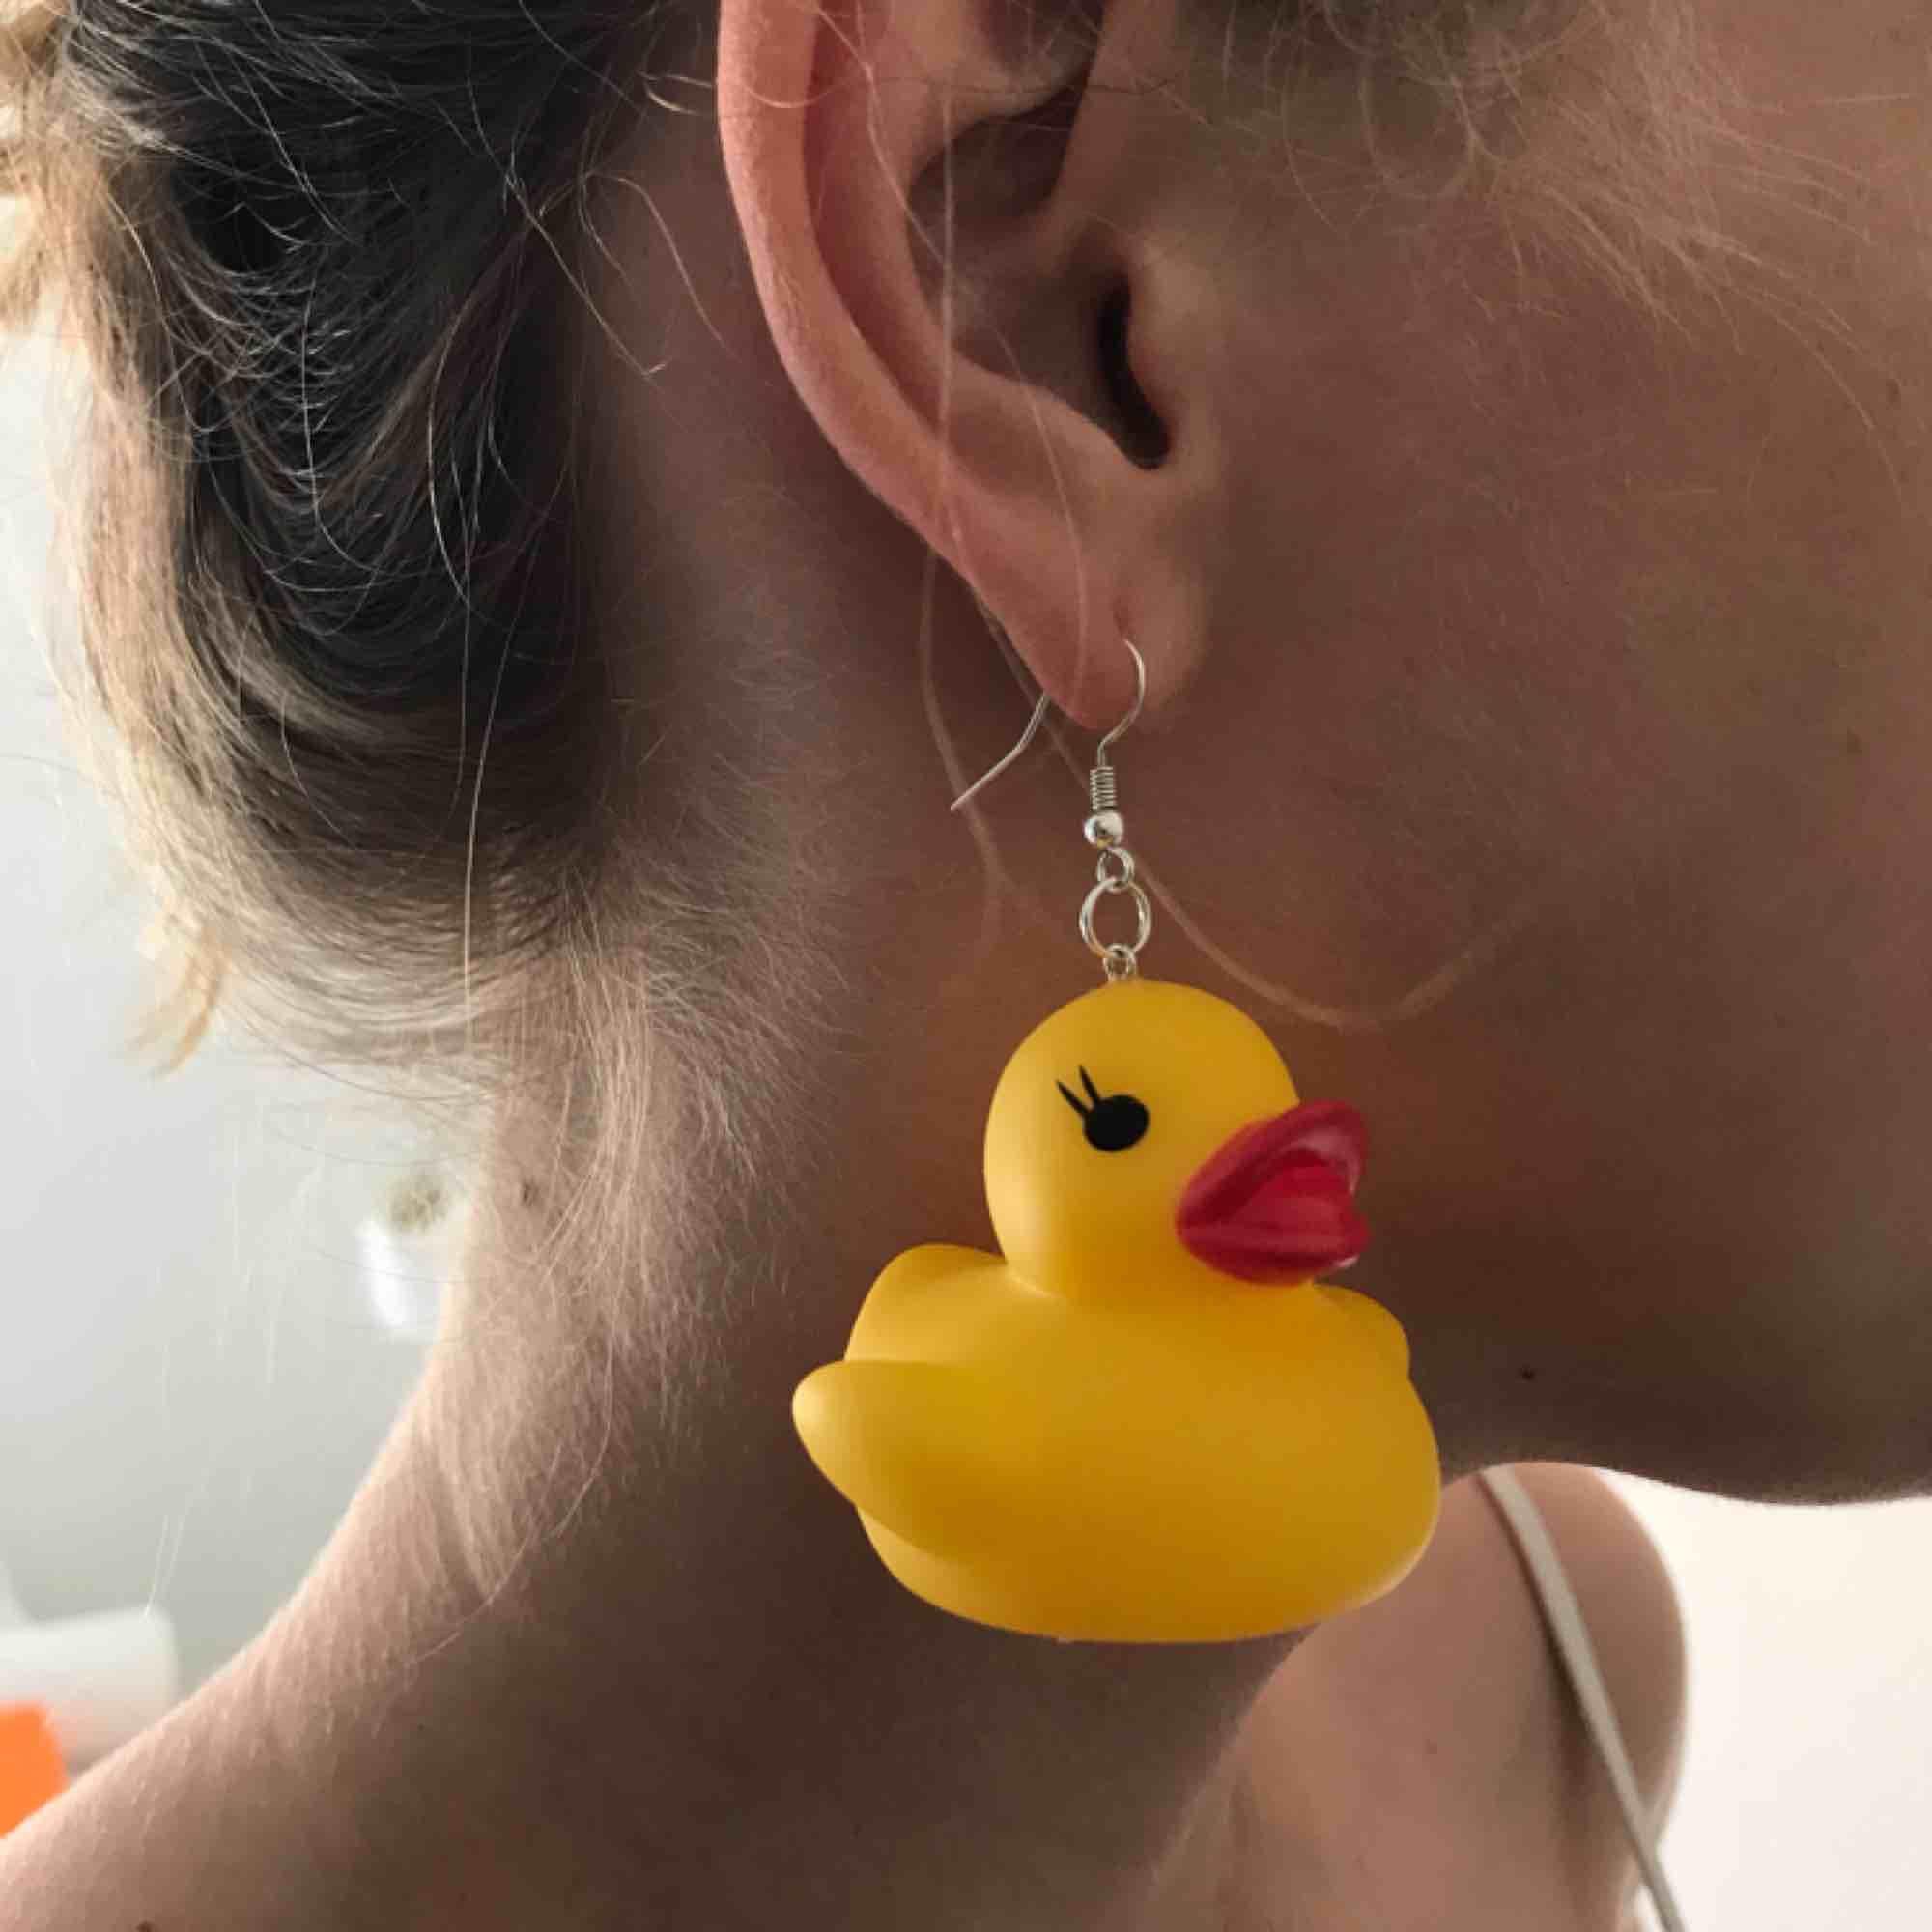 Ascoola badanke-örhängen!!🐥🐥Handgjorda av Sofia Sthåle som säljer smycken här i Malmö, one of a kind så att säga!! Möts upp i Malmö eller så betalar köparen franken🐣. Accessoarer.